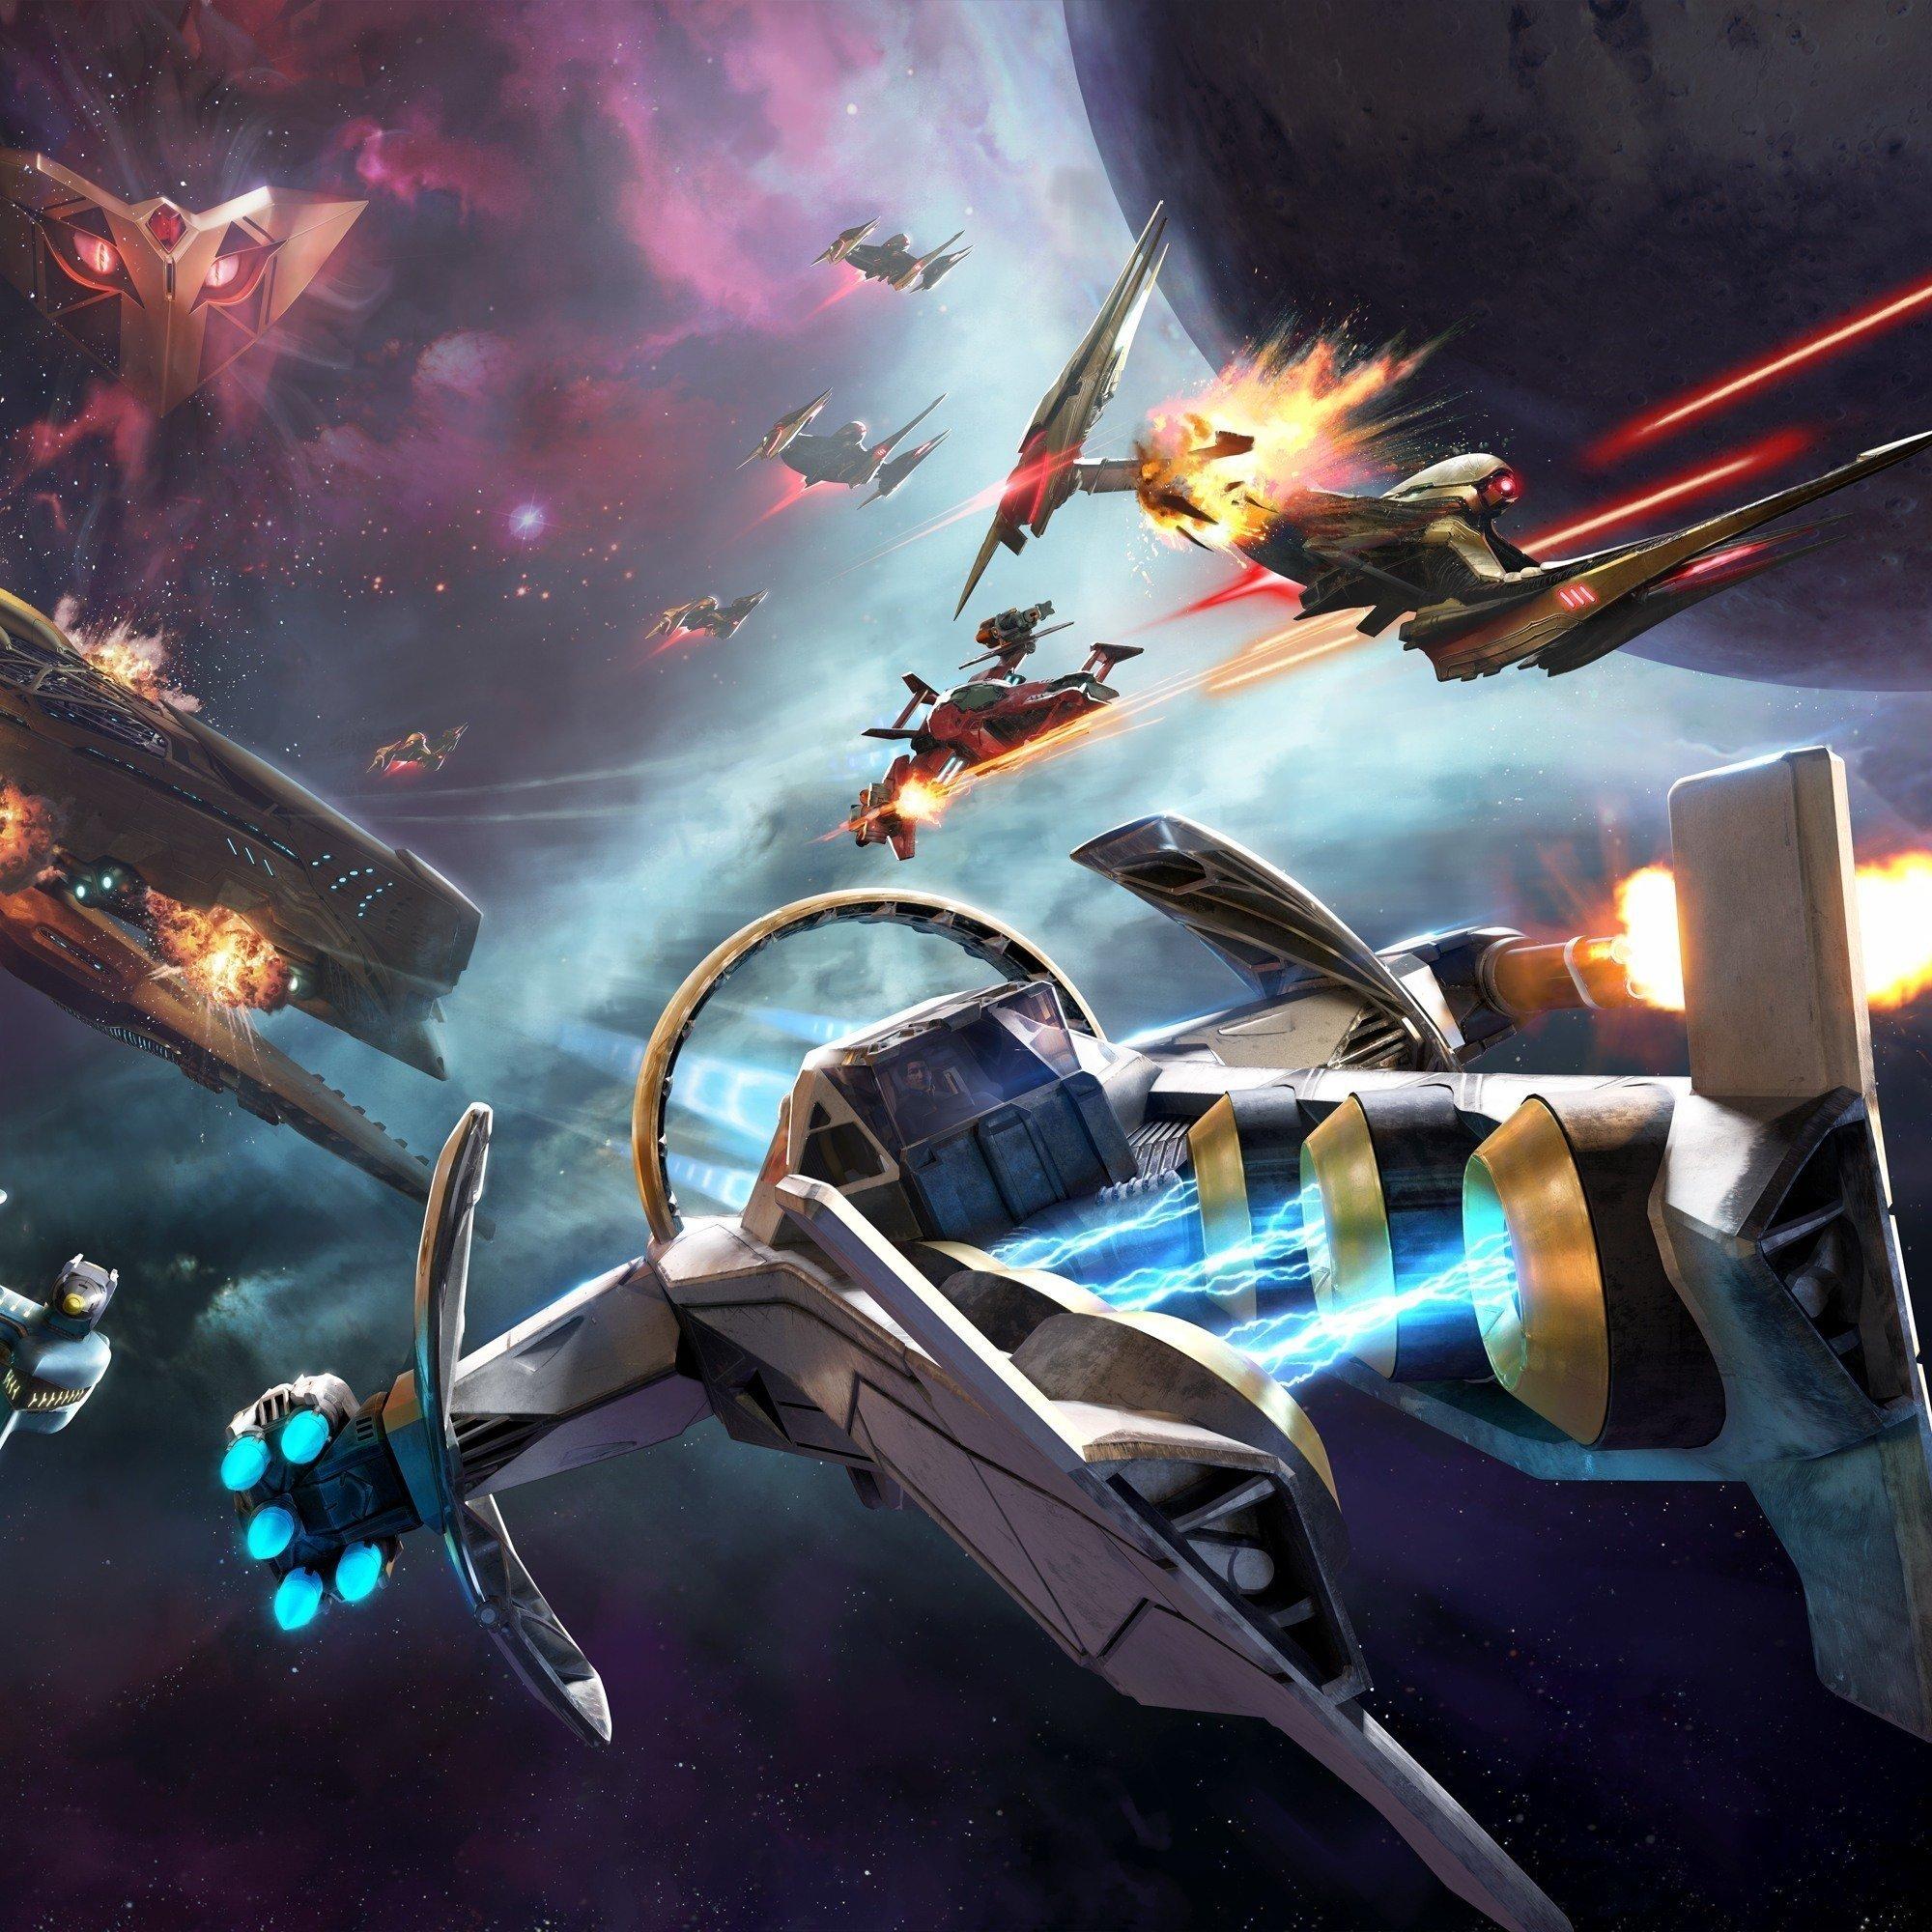 Annunciata la Data di Uscita di Starlink: Battle for Atlas